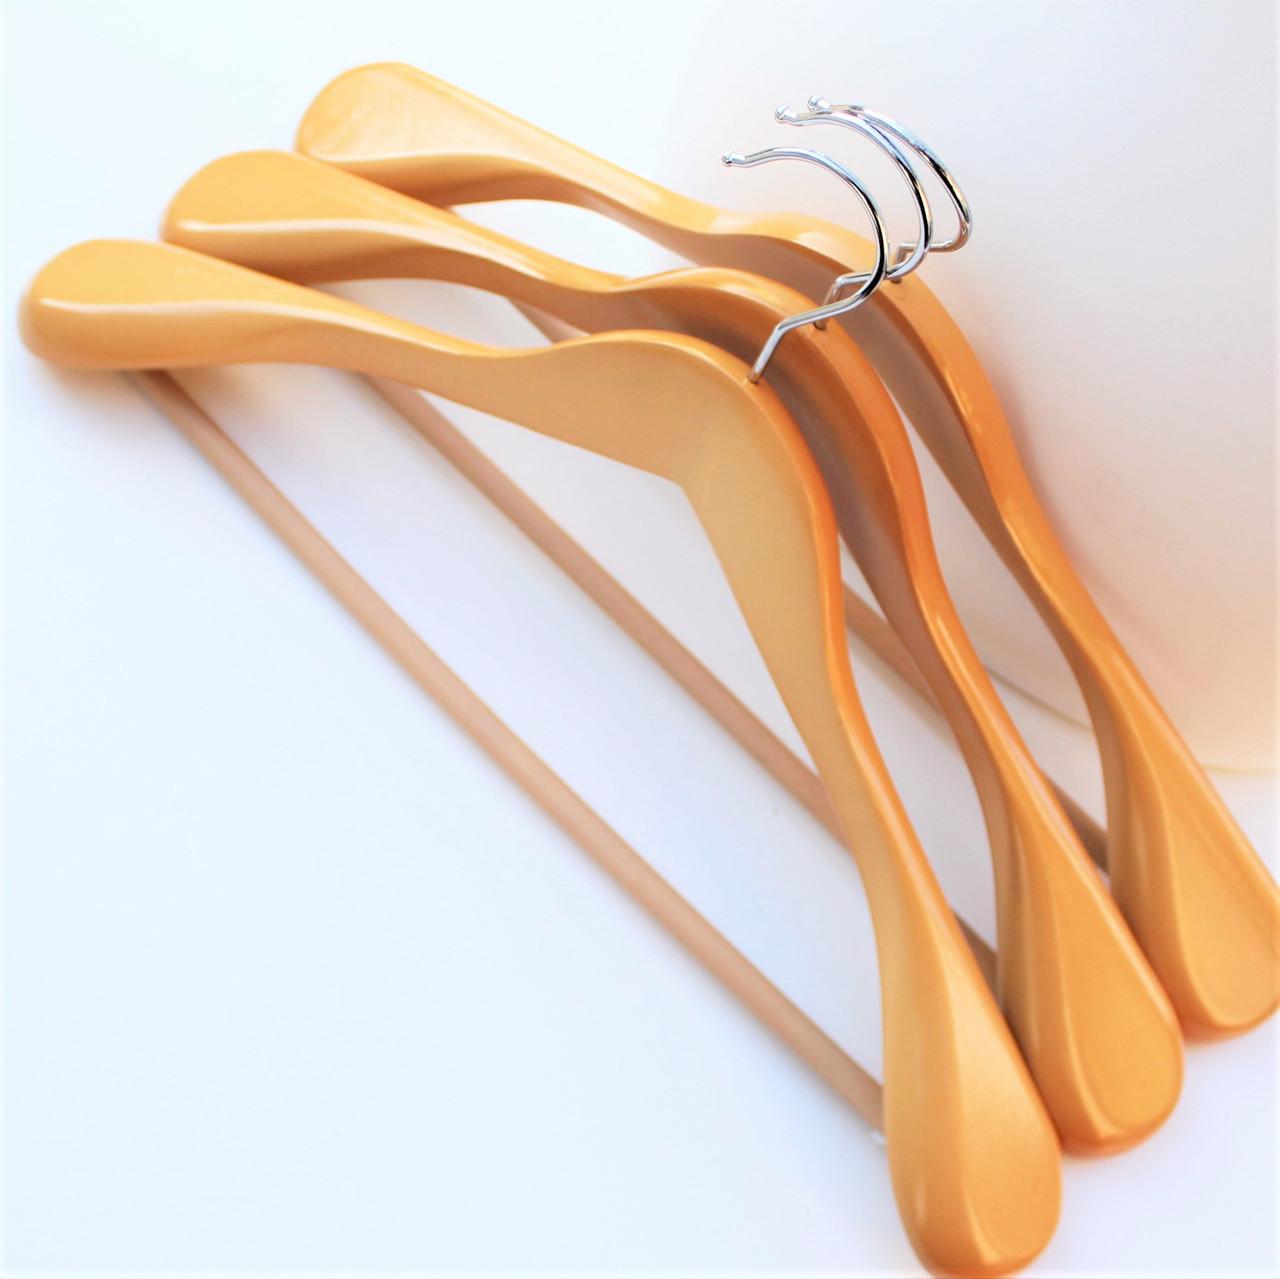 Вешалки плечики тремпеля деревянные для верхней зимней одежды с антискользящей перекладиной, 45 см